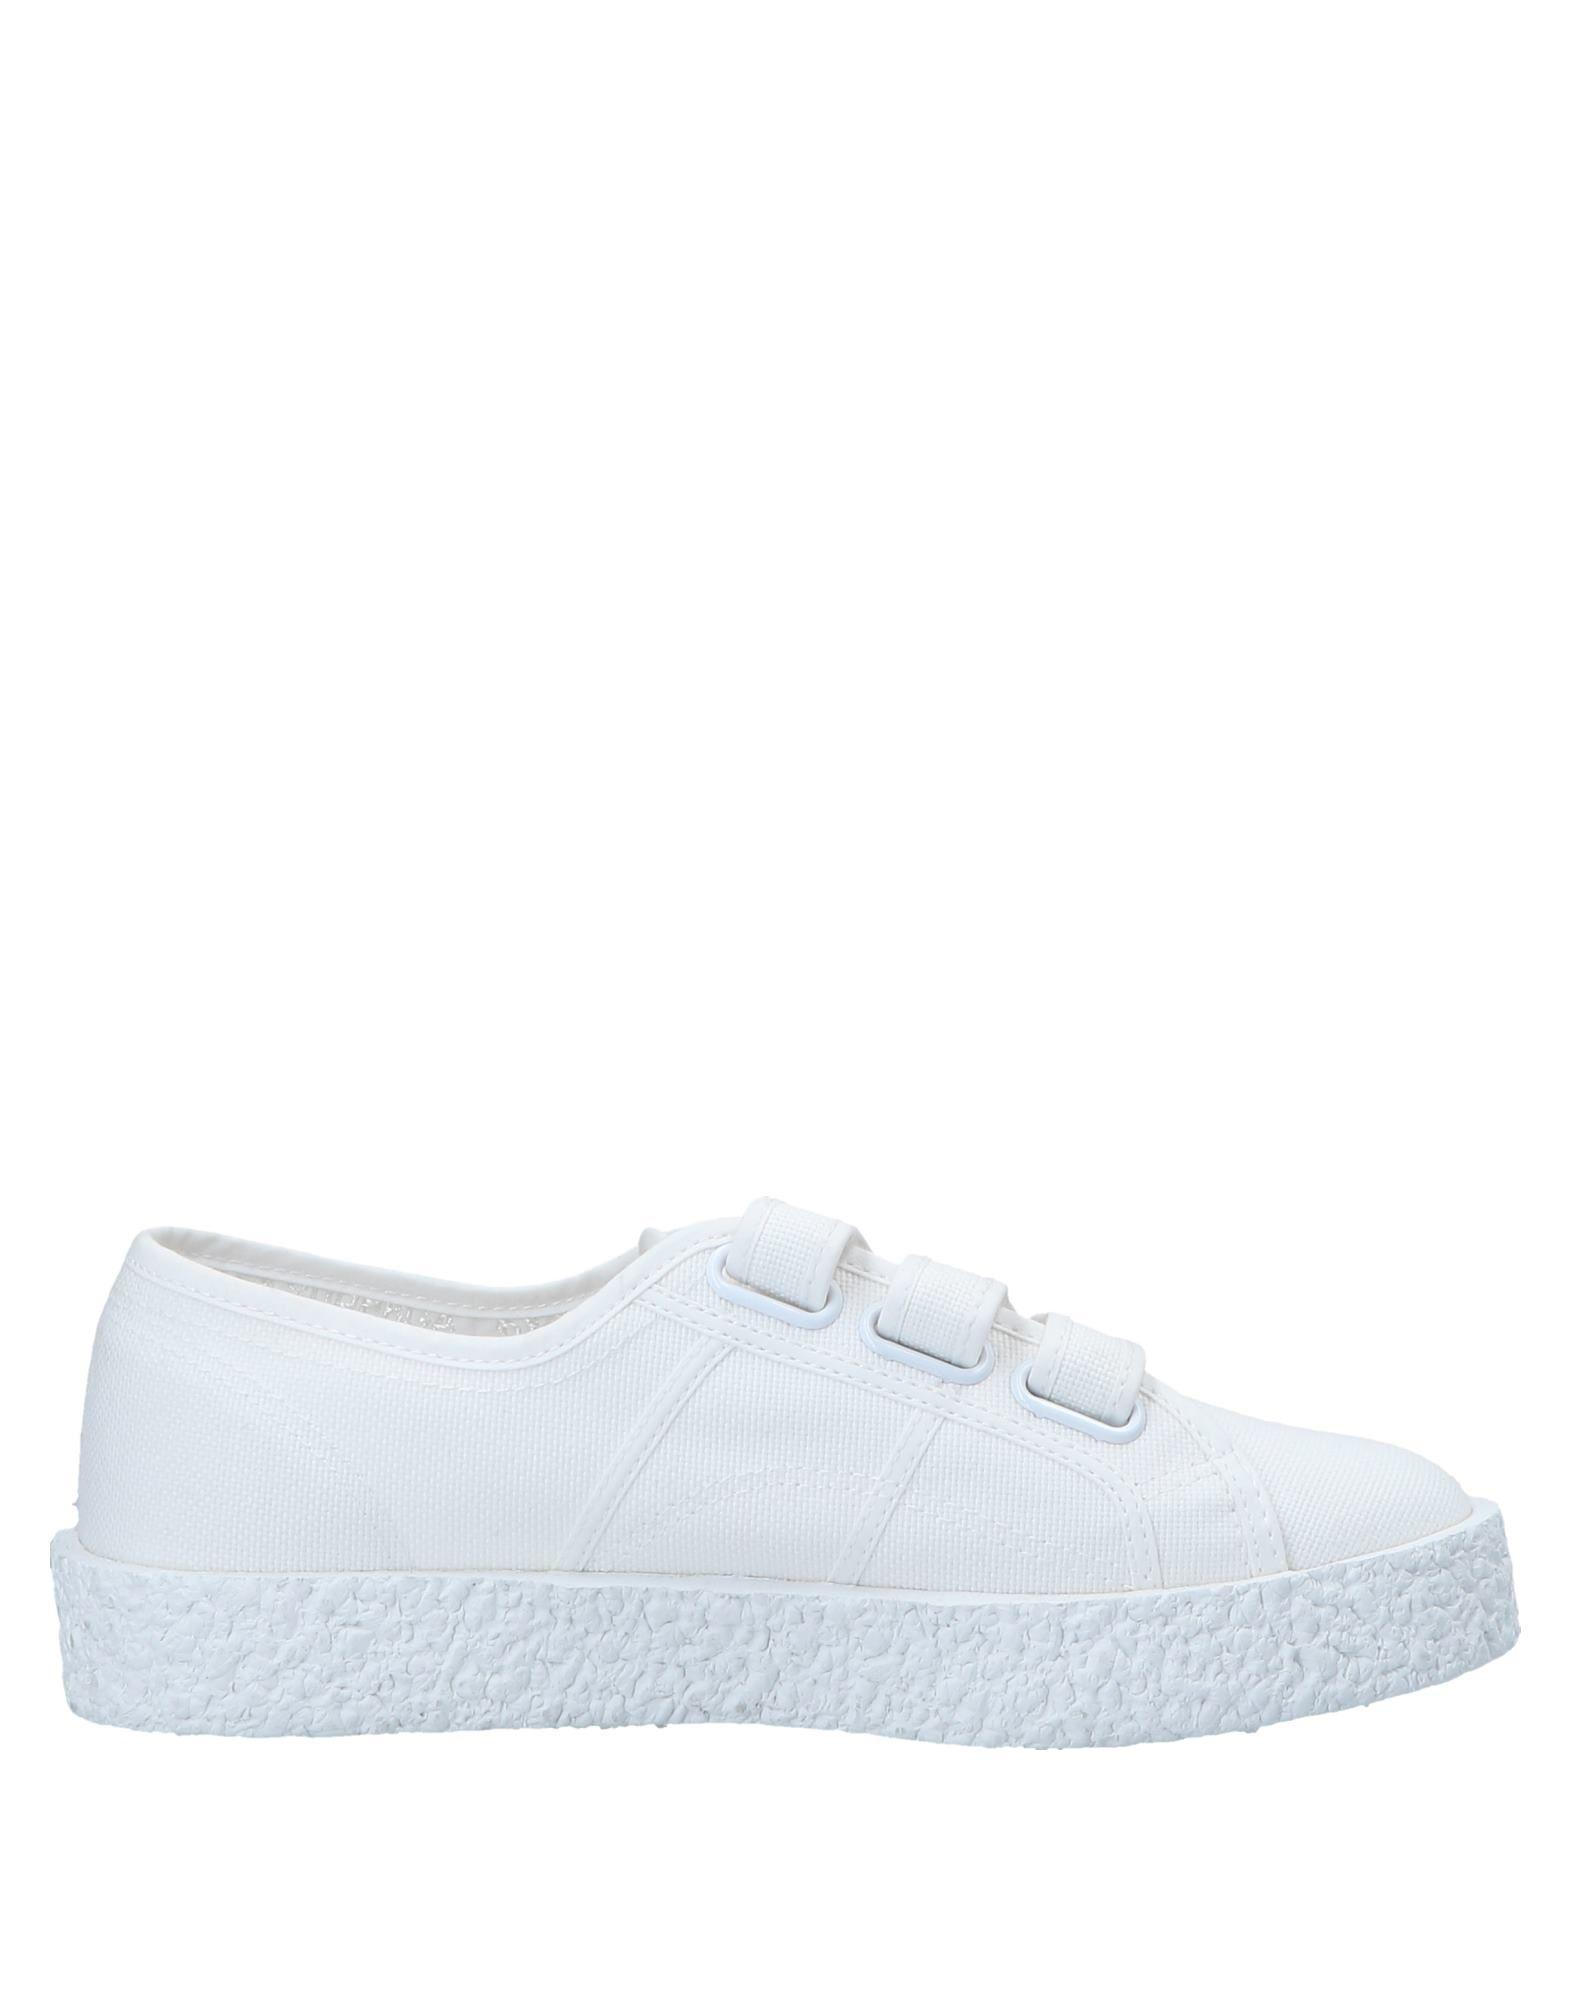 Rabatt echte  Schuhe Superga® Sneakers Herren  echte 11549683UG 3053c9